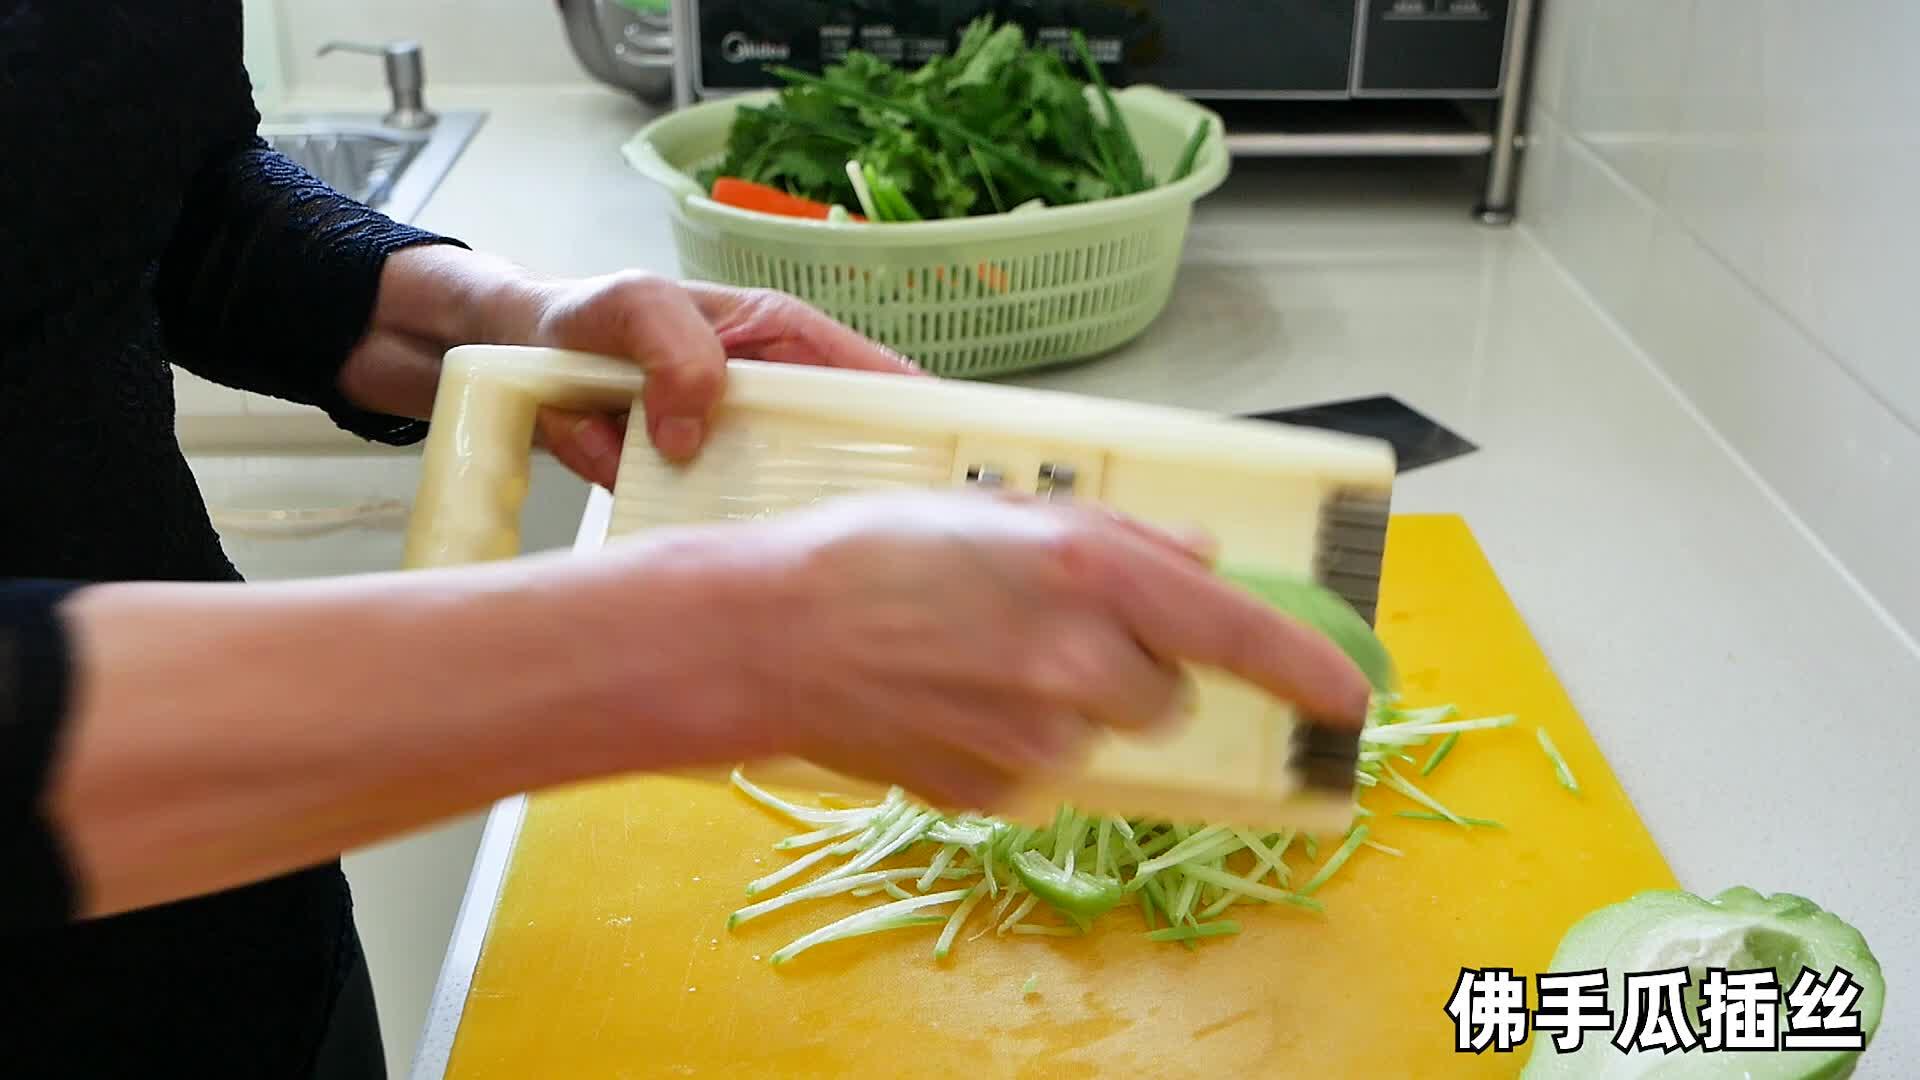 奶奶用饺子皮做特色面食名字好听福袋包,新式做法第一次见